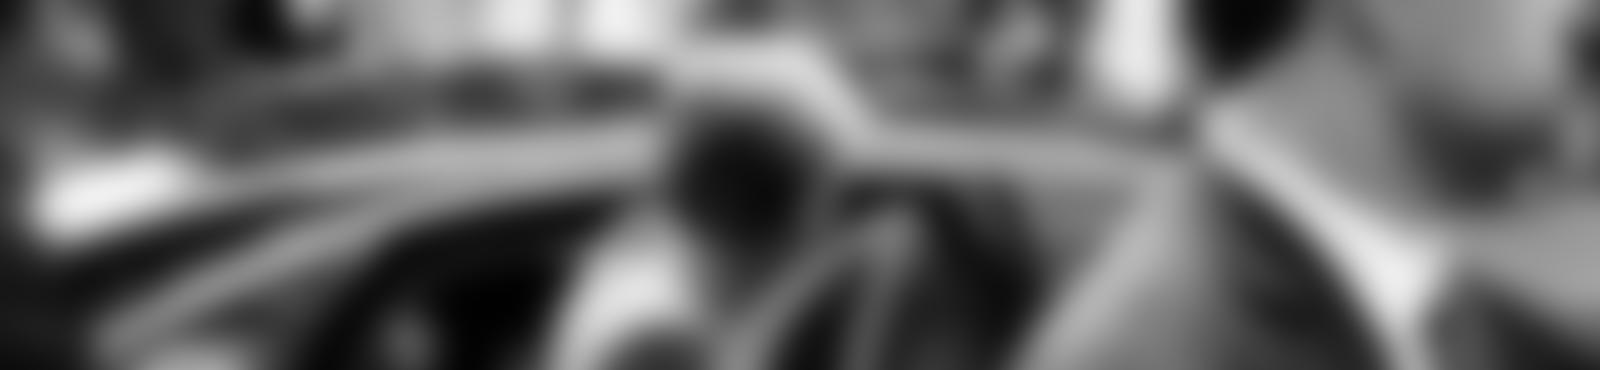 Blurred 01fb2e9b 4267 472a a747 51f9186f820b